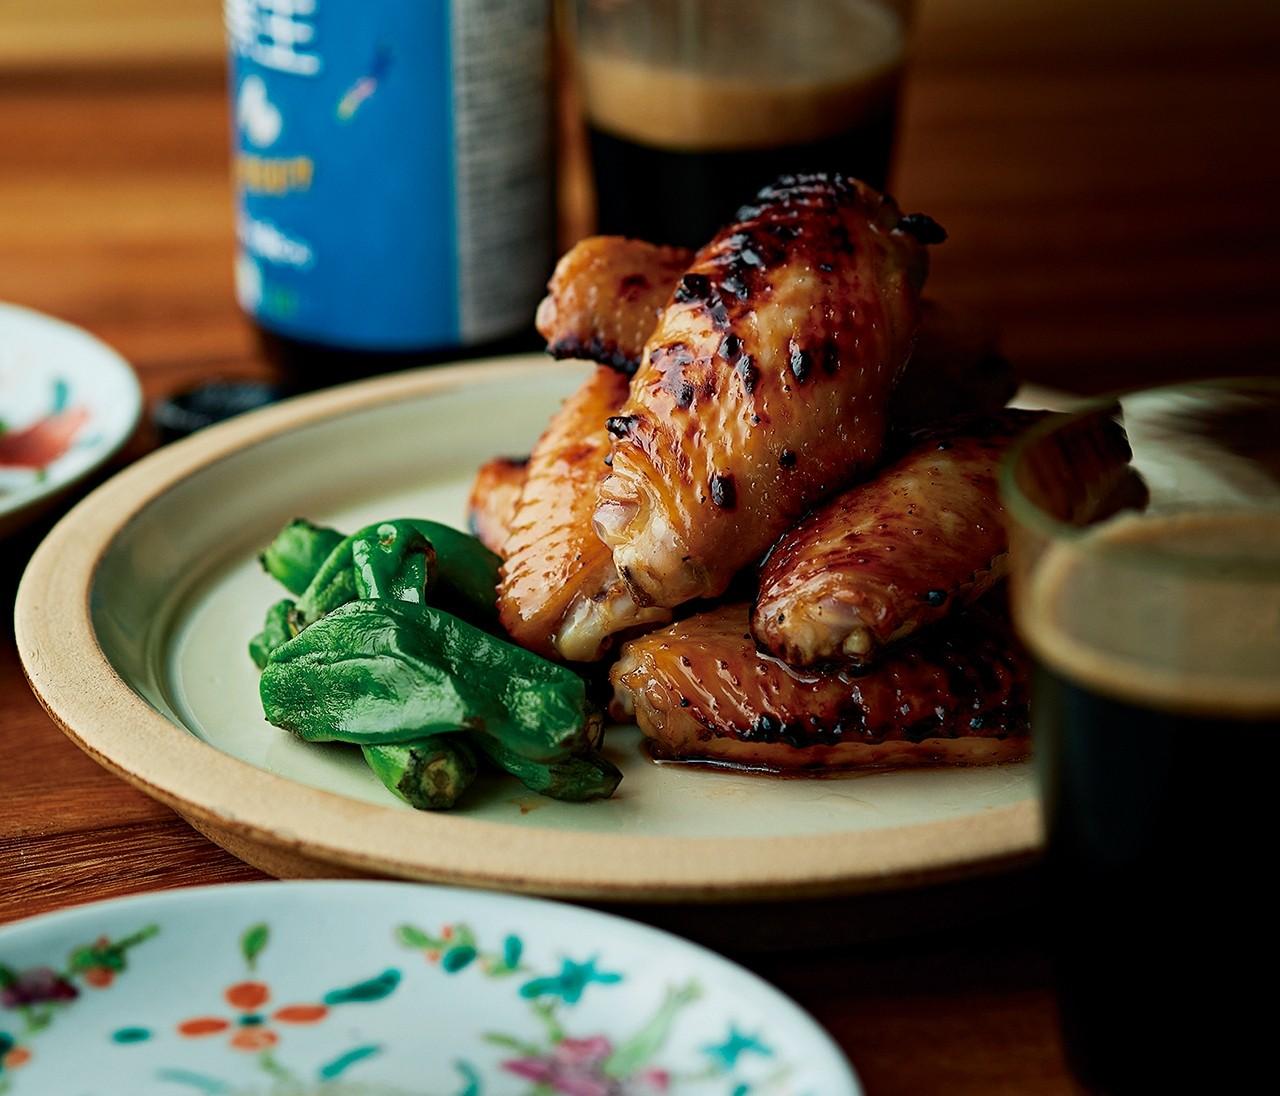 ビールに合う簡単&おしゃれなおつまみレシピ3品【ツレヅレハナコさんの冬の宅飲みレシピ】